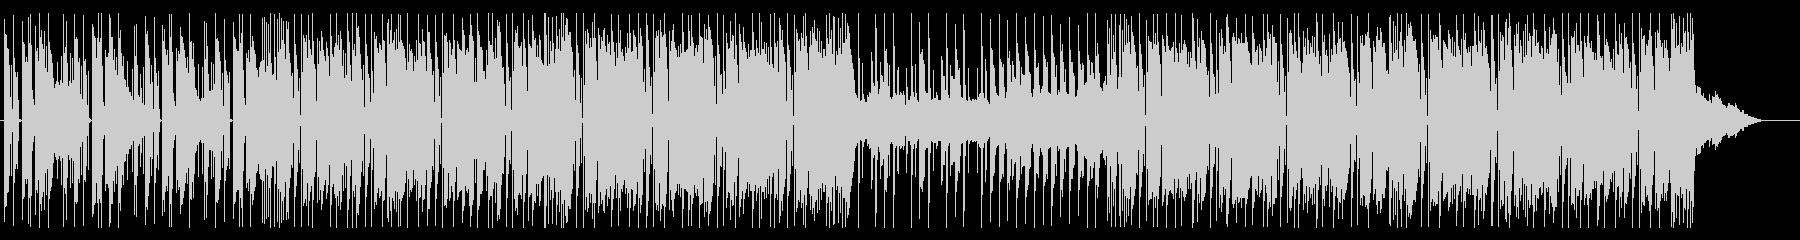 明るい キラキラ 80年代 シンセポップの未再生の波形